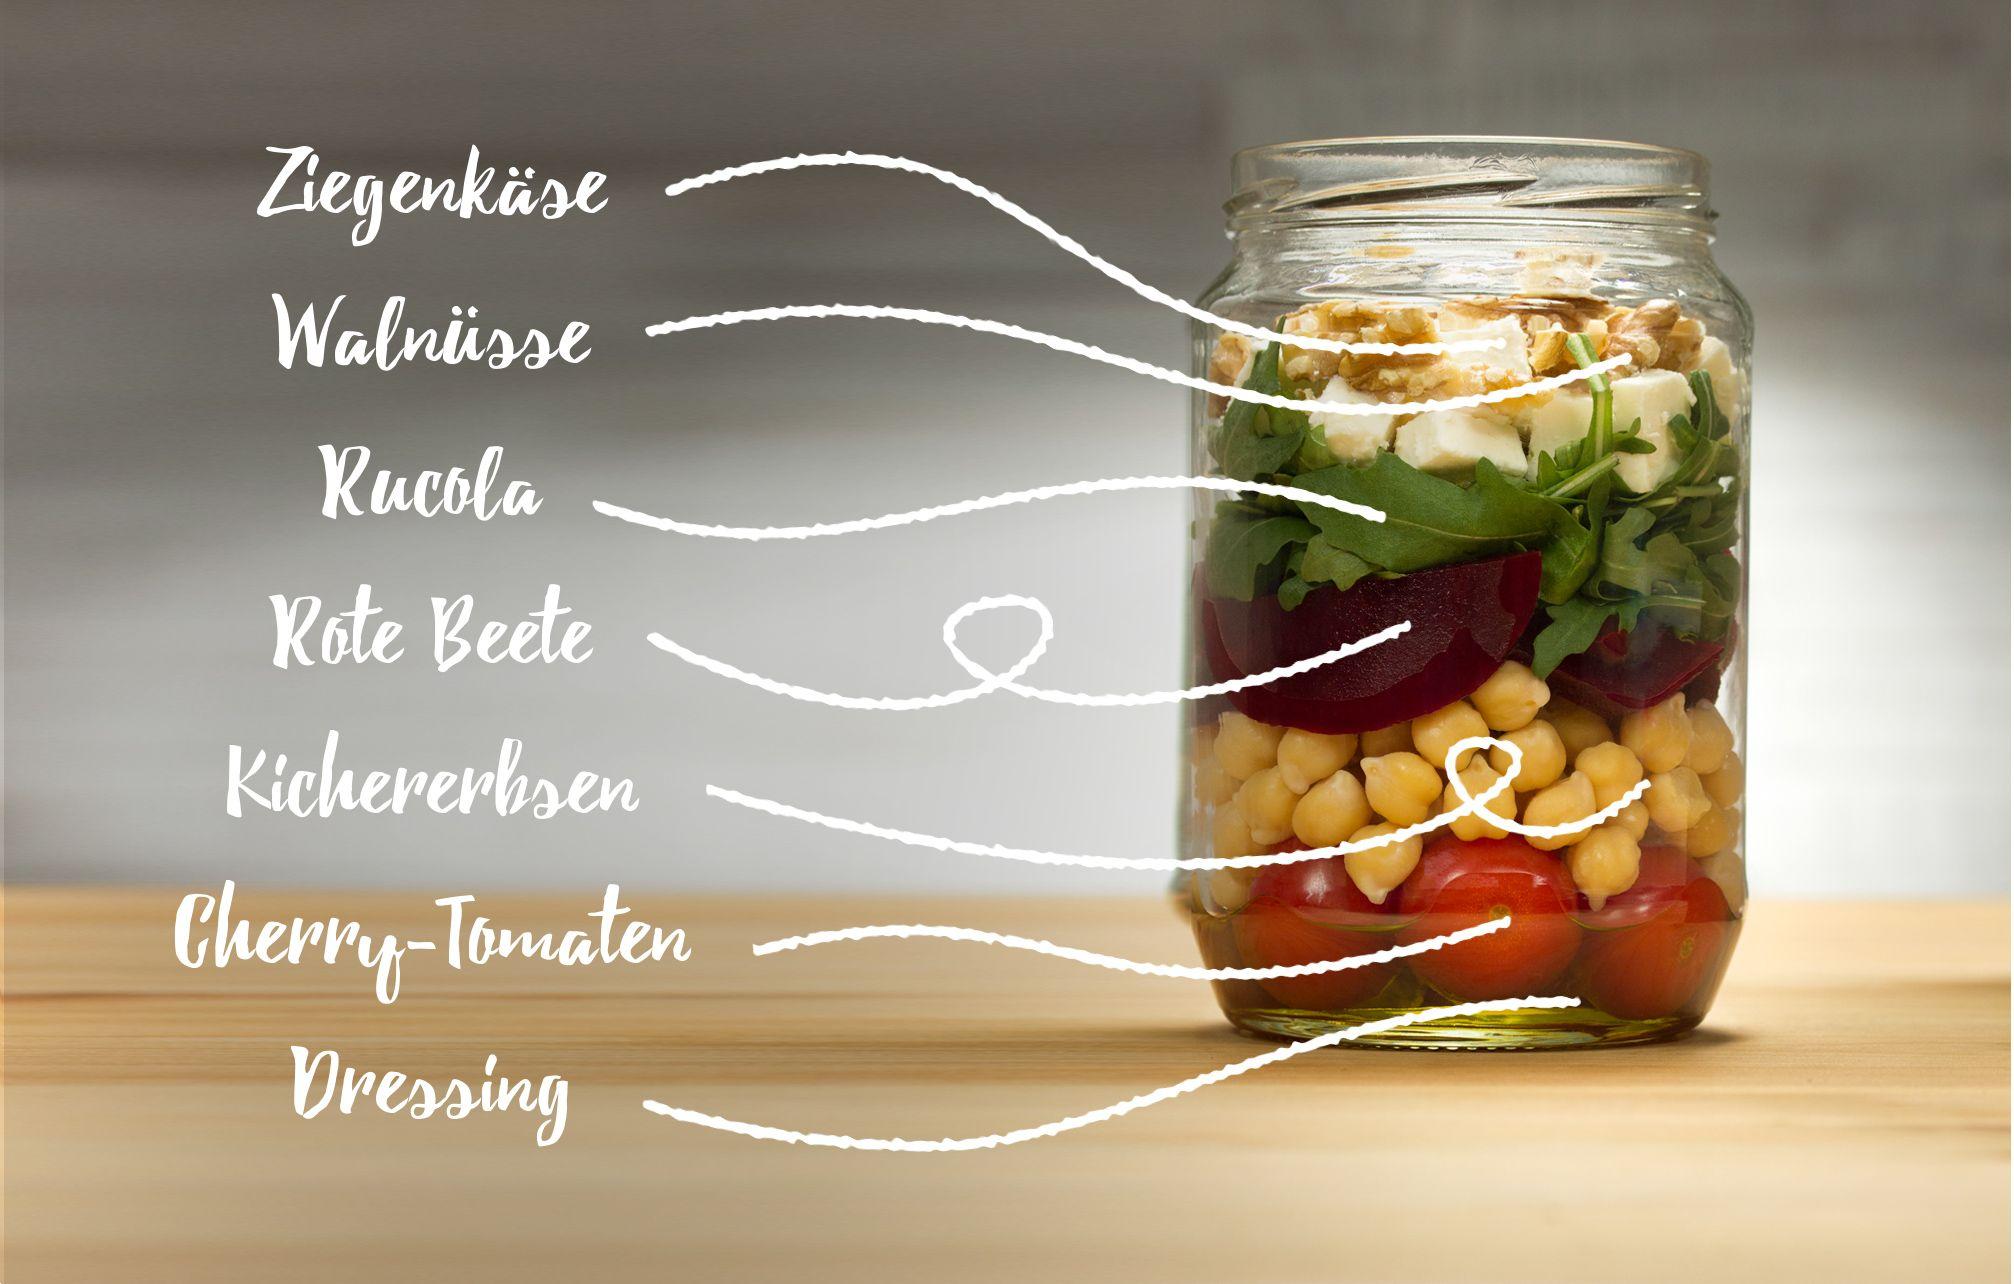 salat im glas wir zeigen dir wie du im handumdrehen den perfekten salat im glas zubereitest. Black Bedroom Furniture Sets. Home Design Ideas